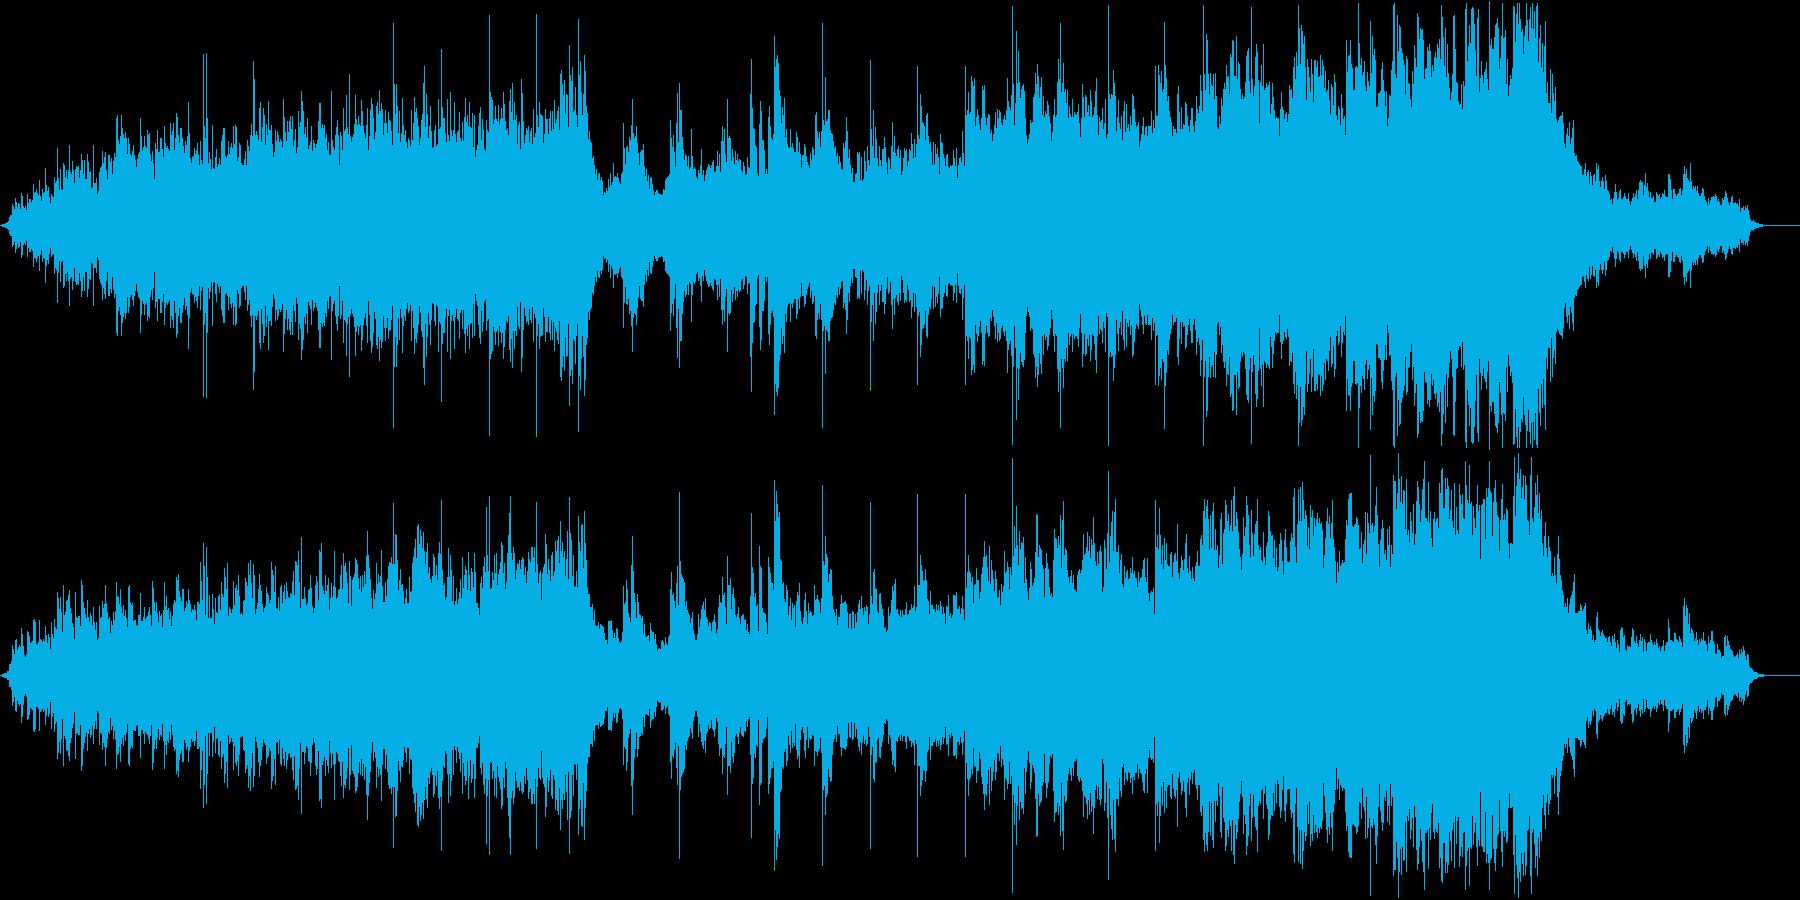 クラシック 交響曲 荘厳 励ましい...の再生済みの波形